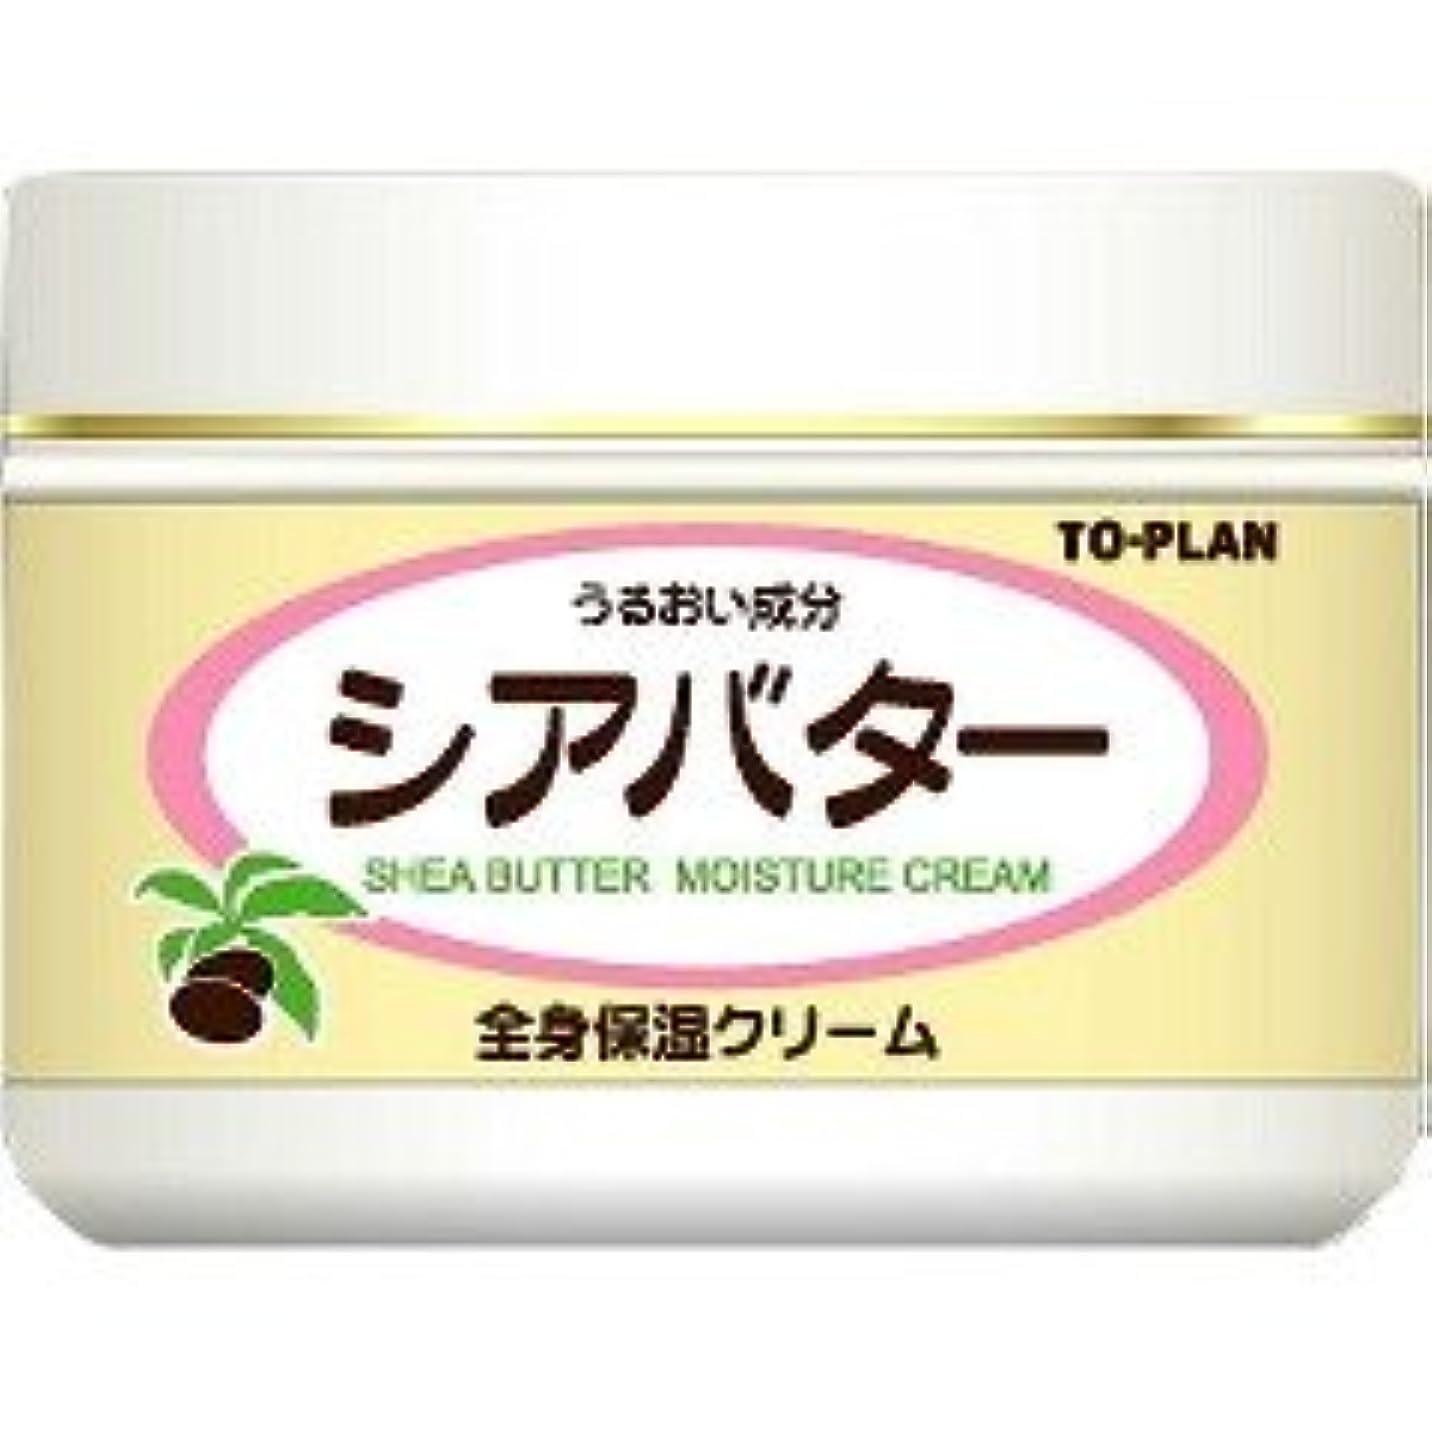 カード雑草リンスシアバター全身保湿クリーム 170g